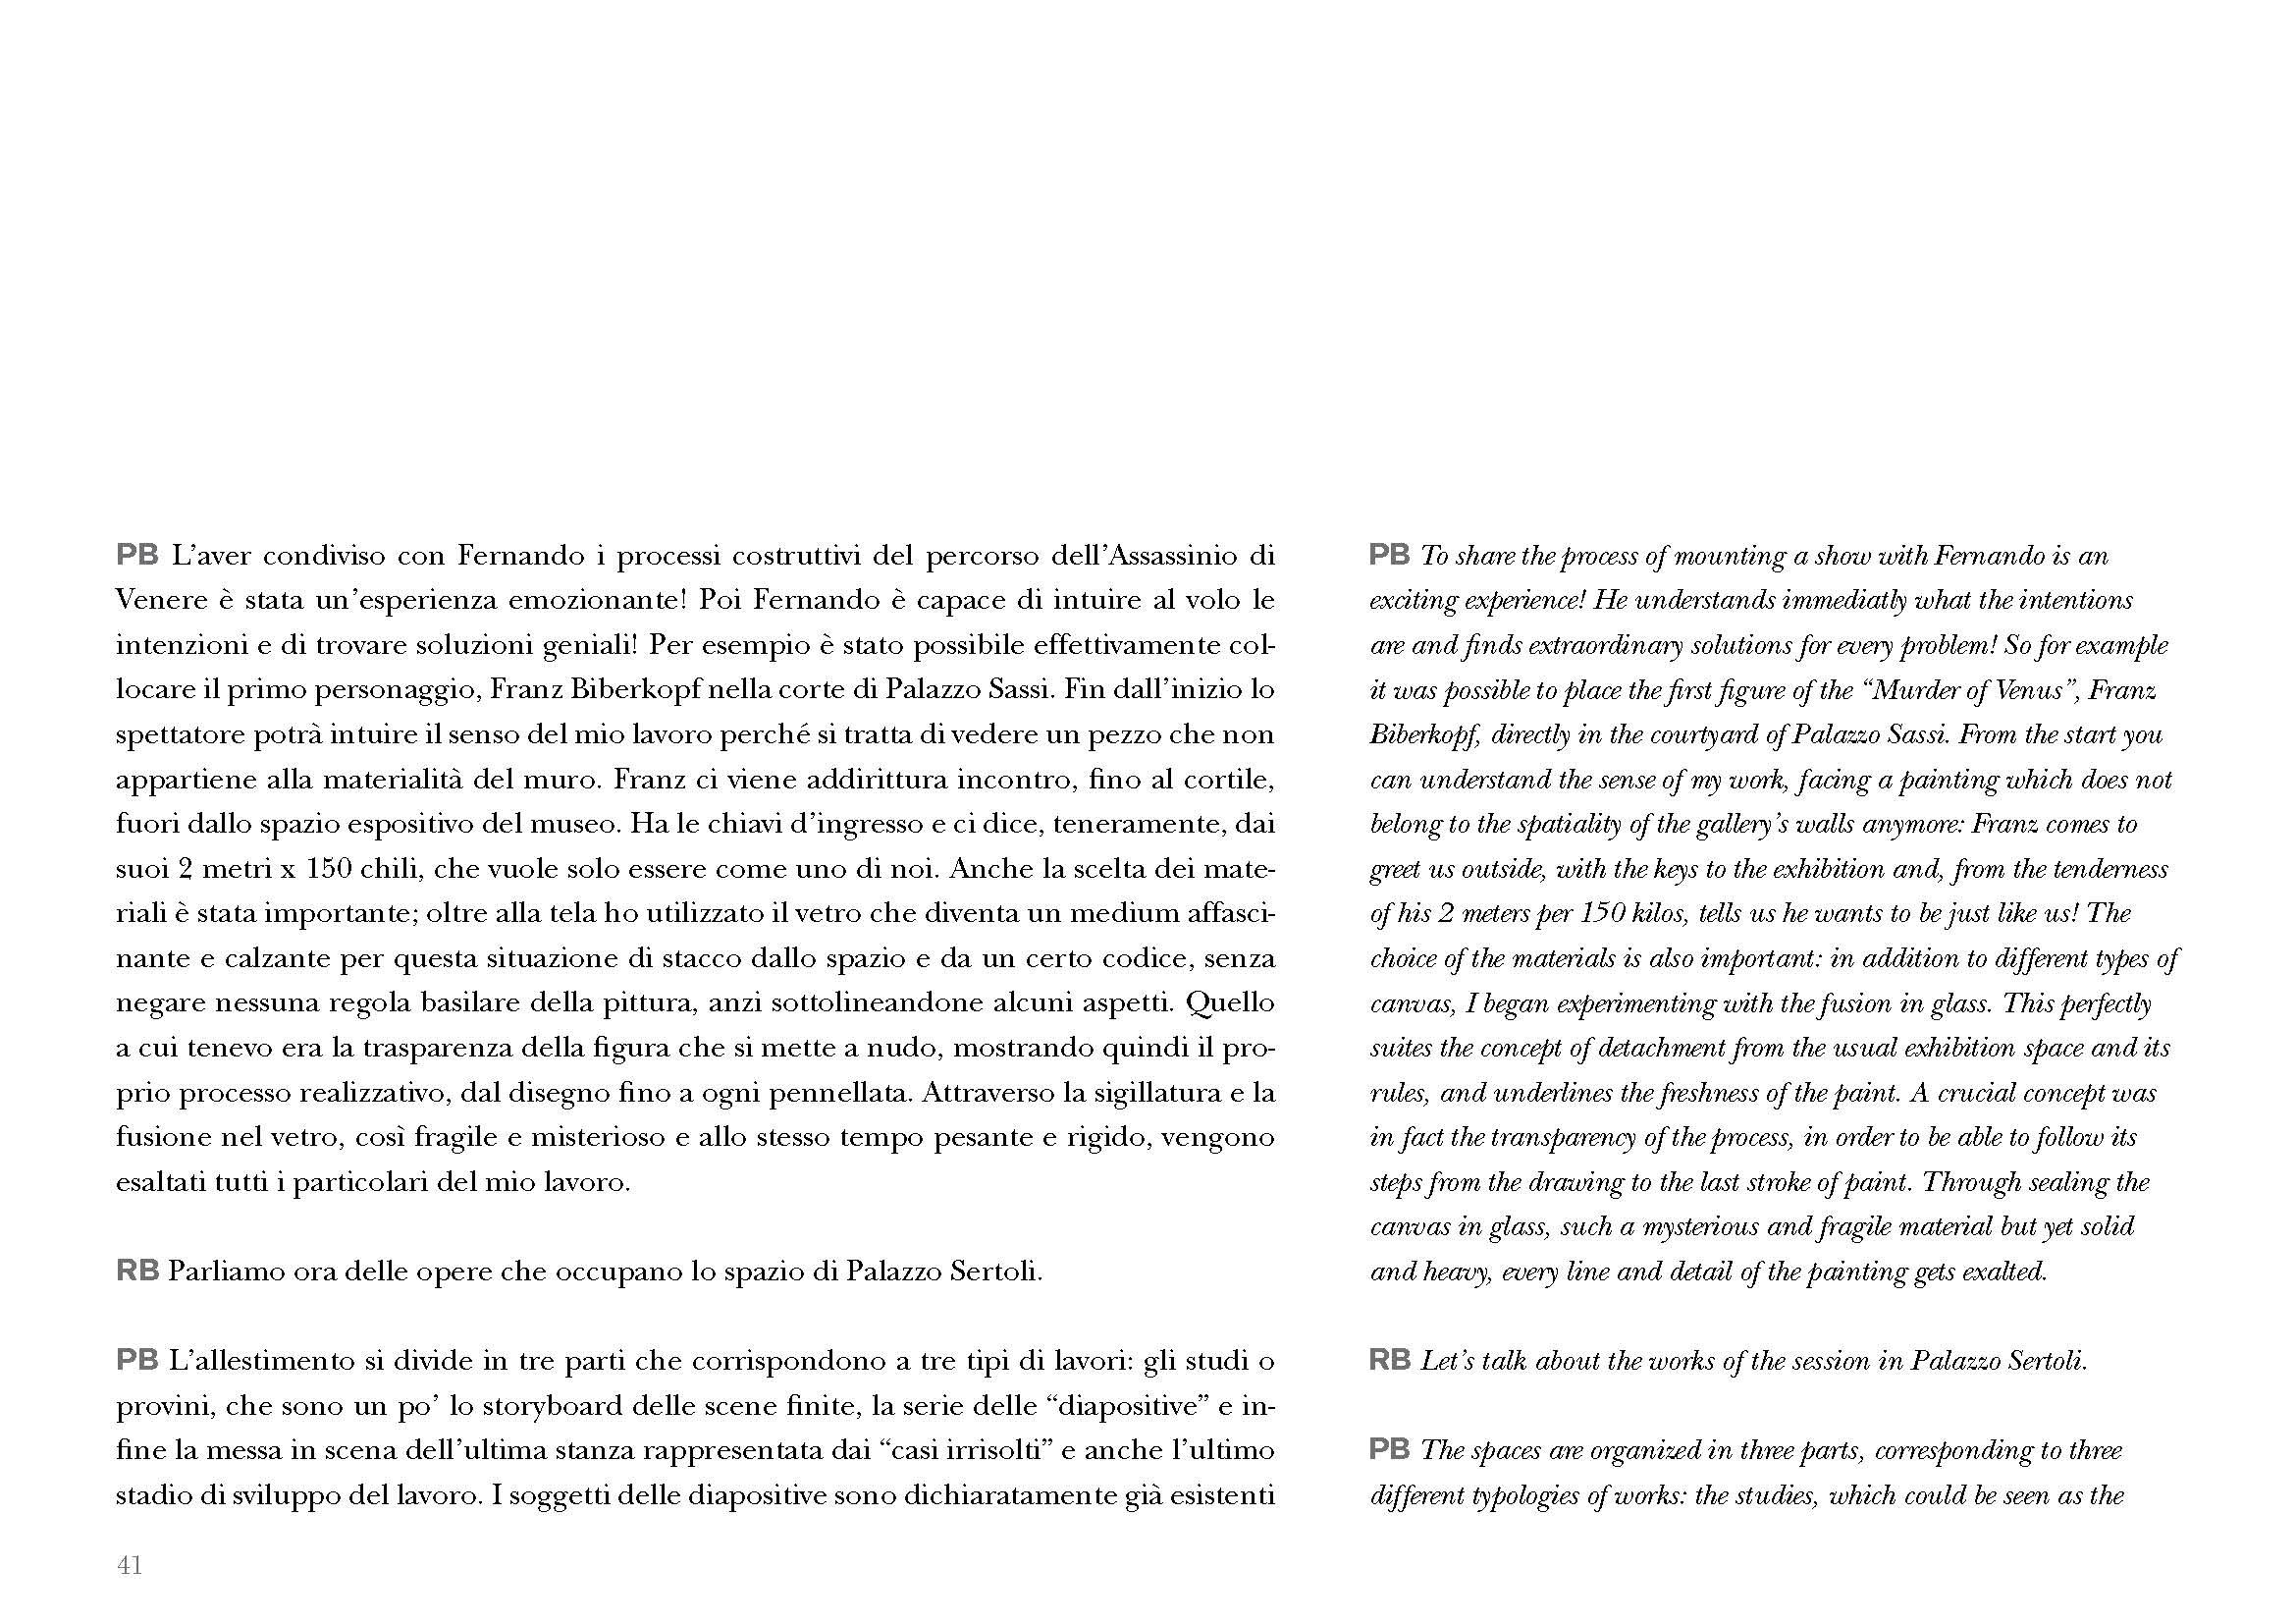 PB08-Assassinio_Page_41.jpg